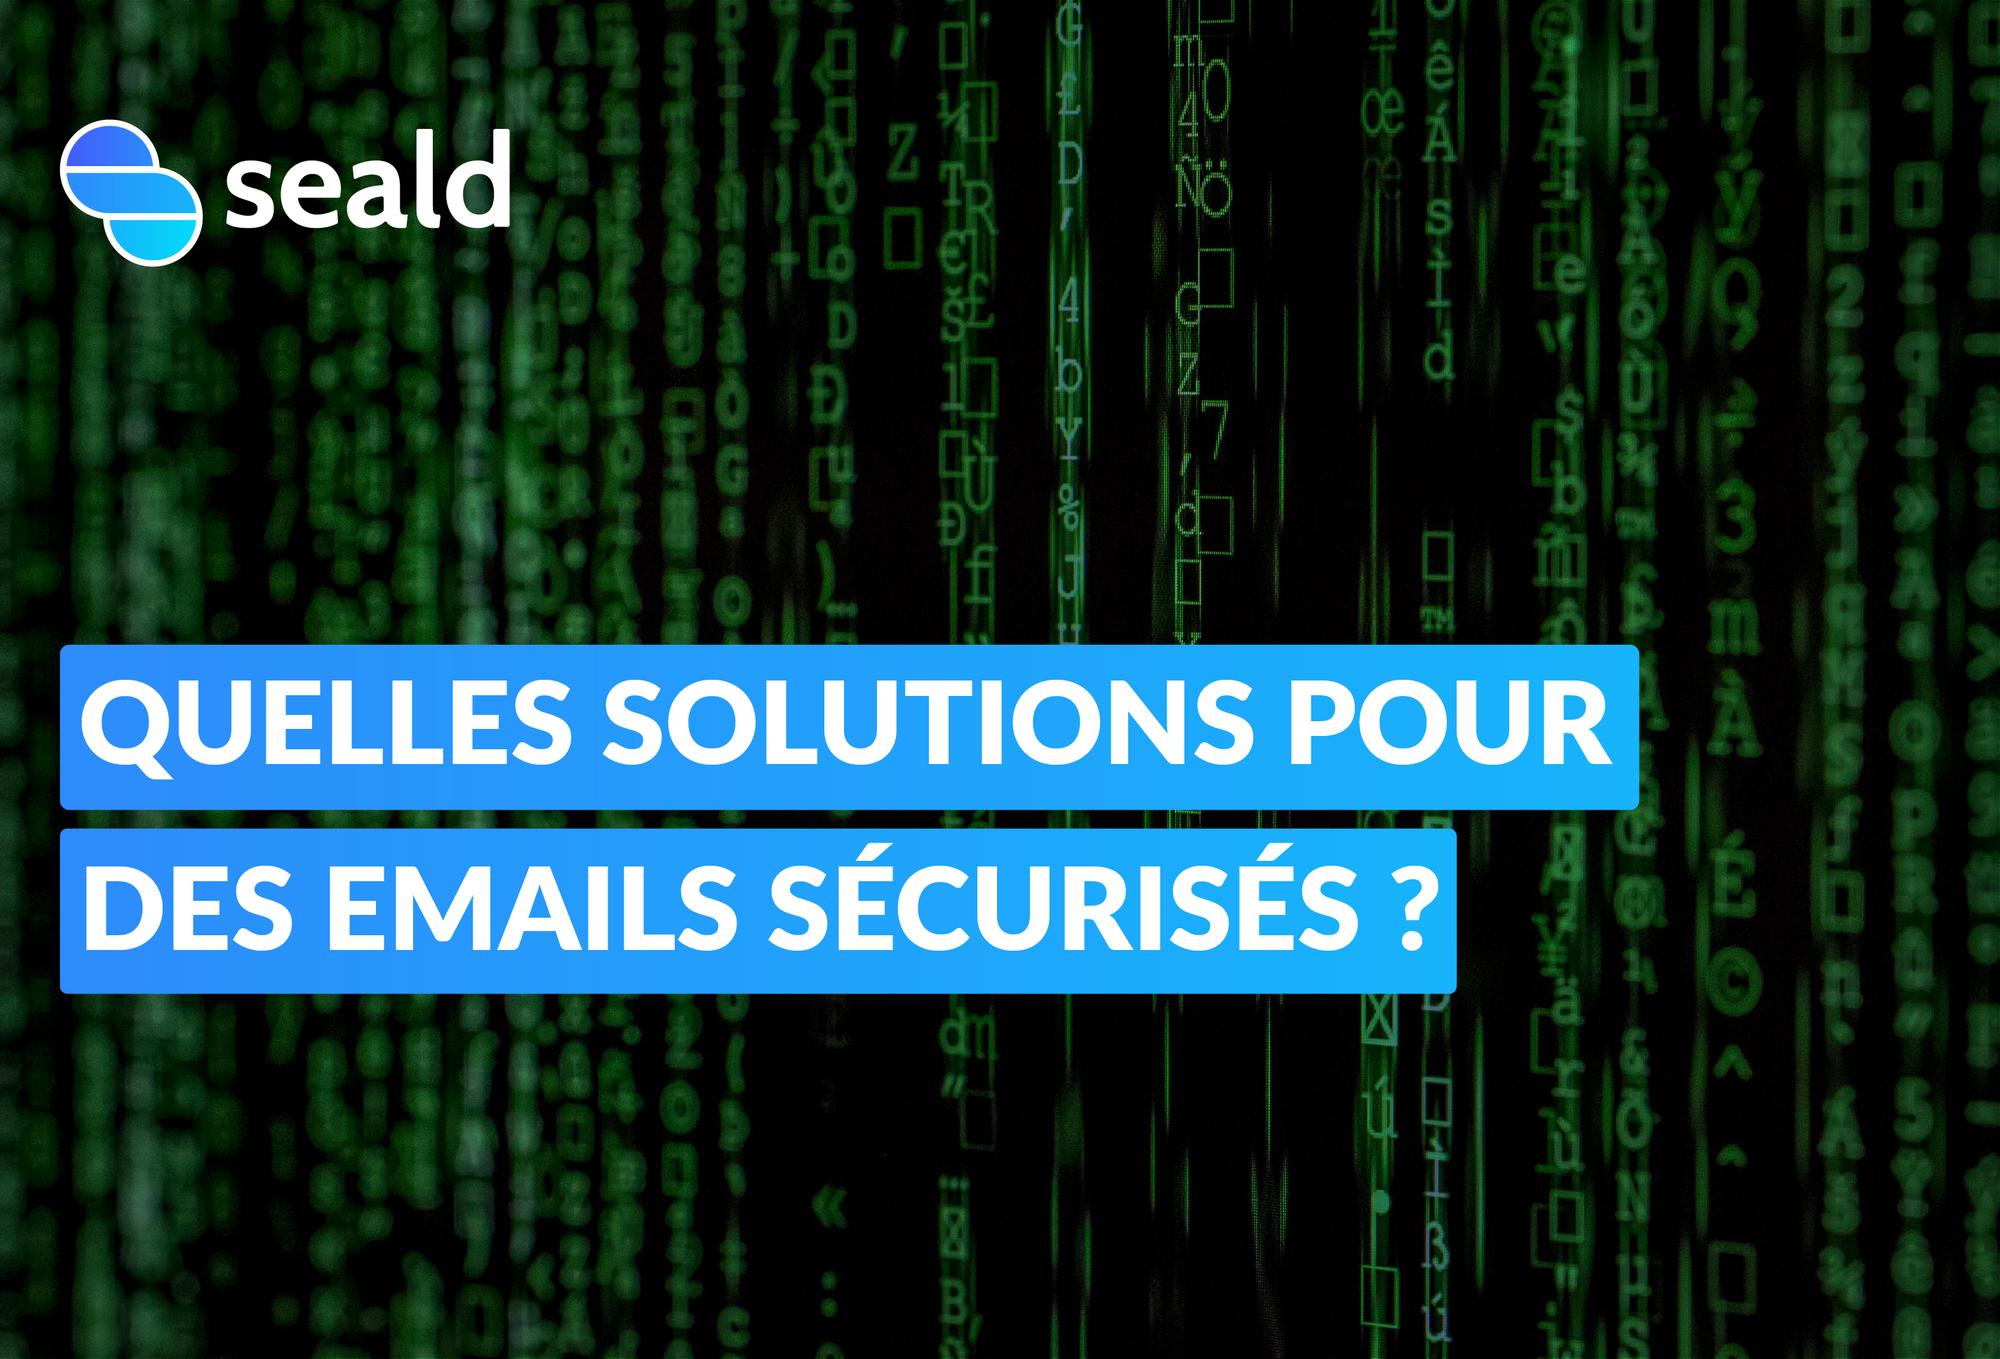 Quelles solutions pour des emails sécurisés ?